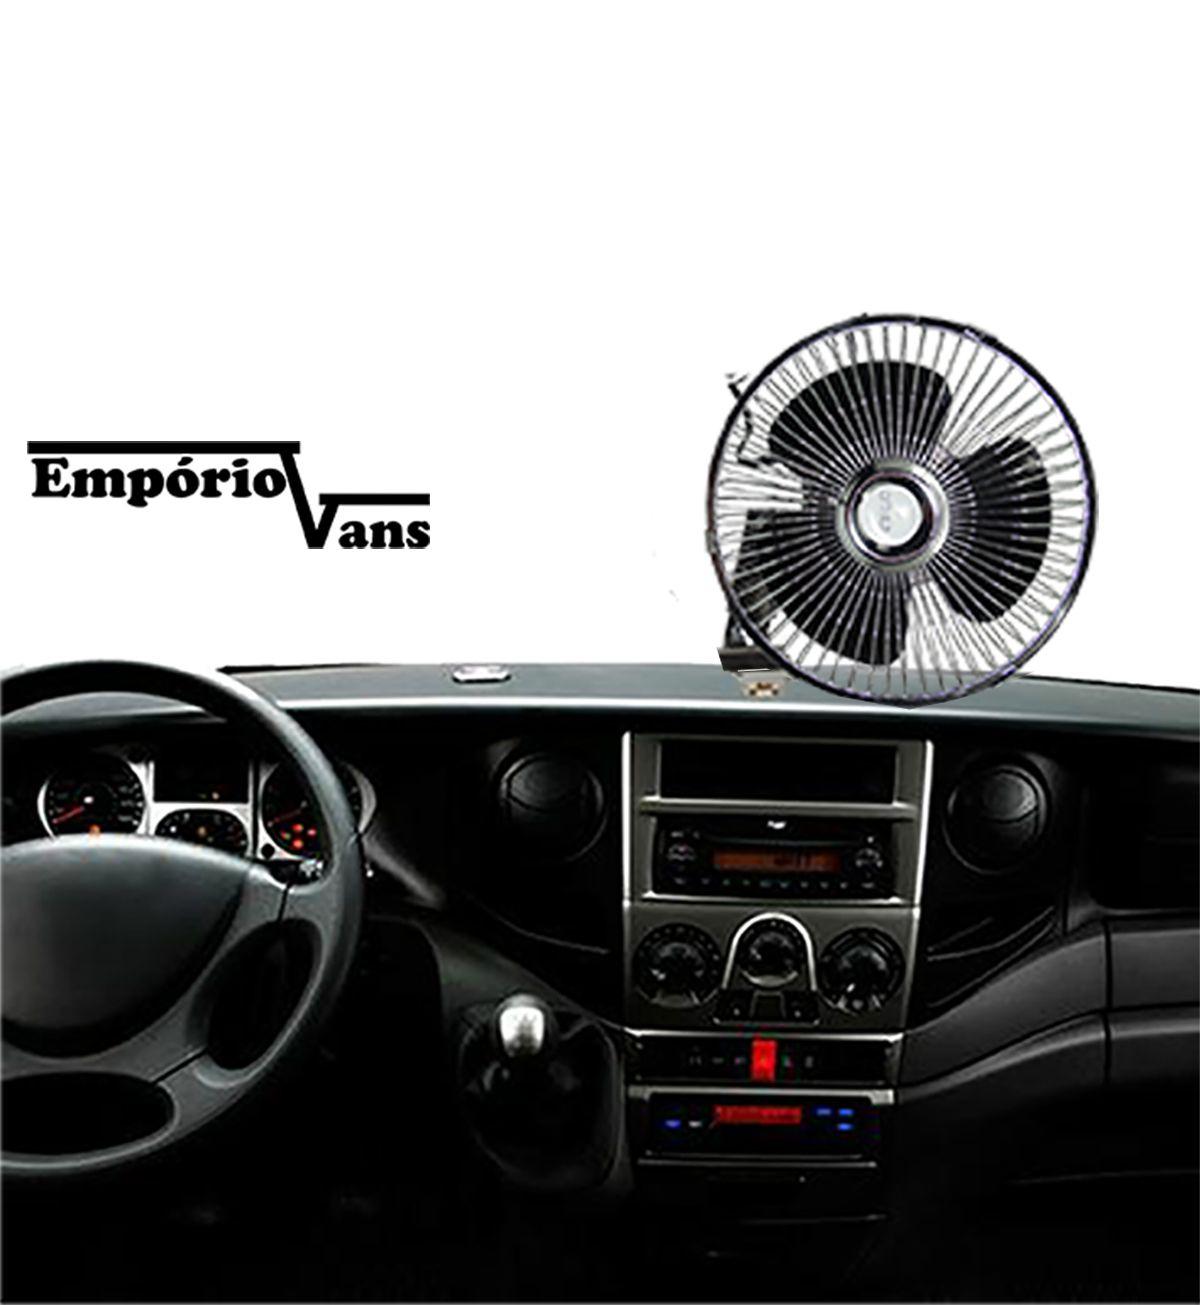 Ventilador Automotivo 12V 20Cm Veiculos Diversos